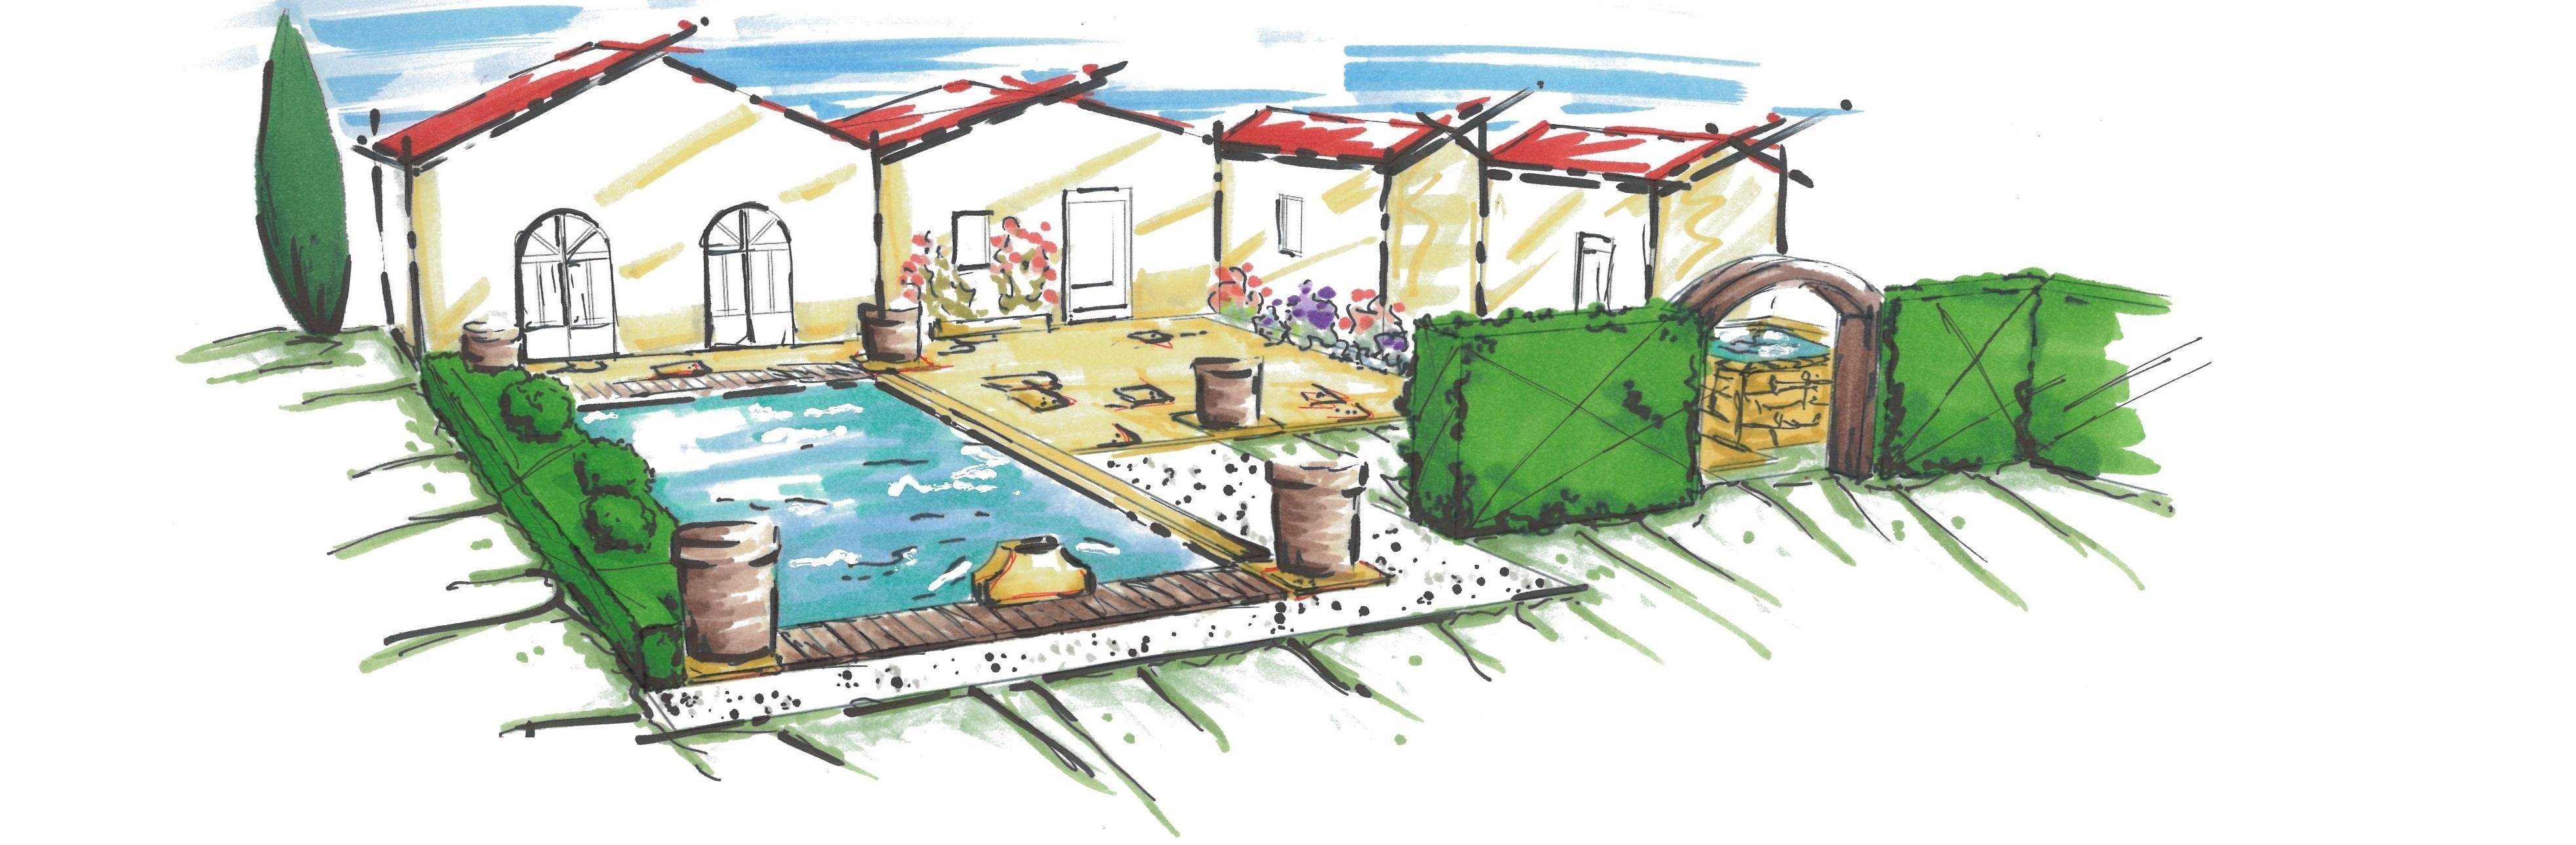 Un jardin se pense en termes de fonctionnalités